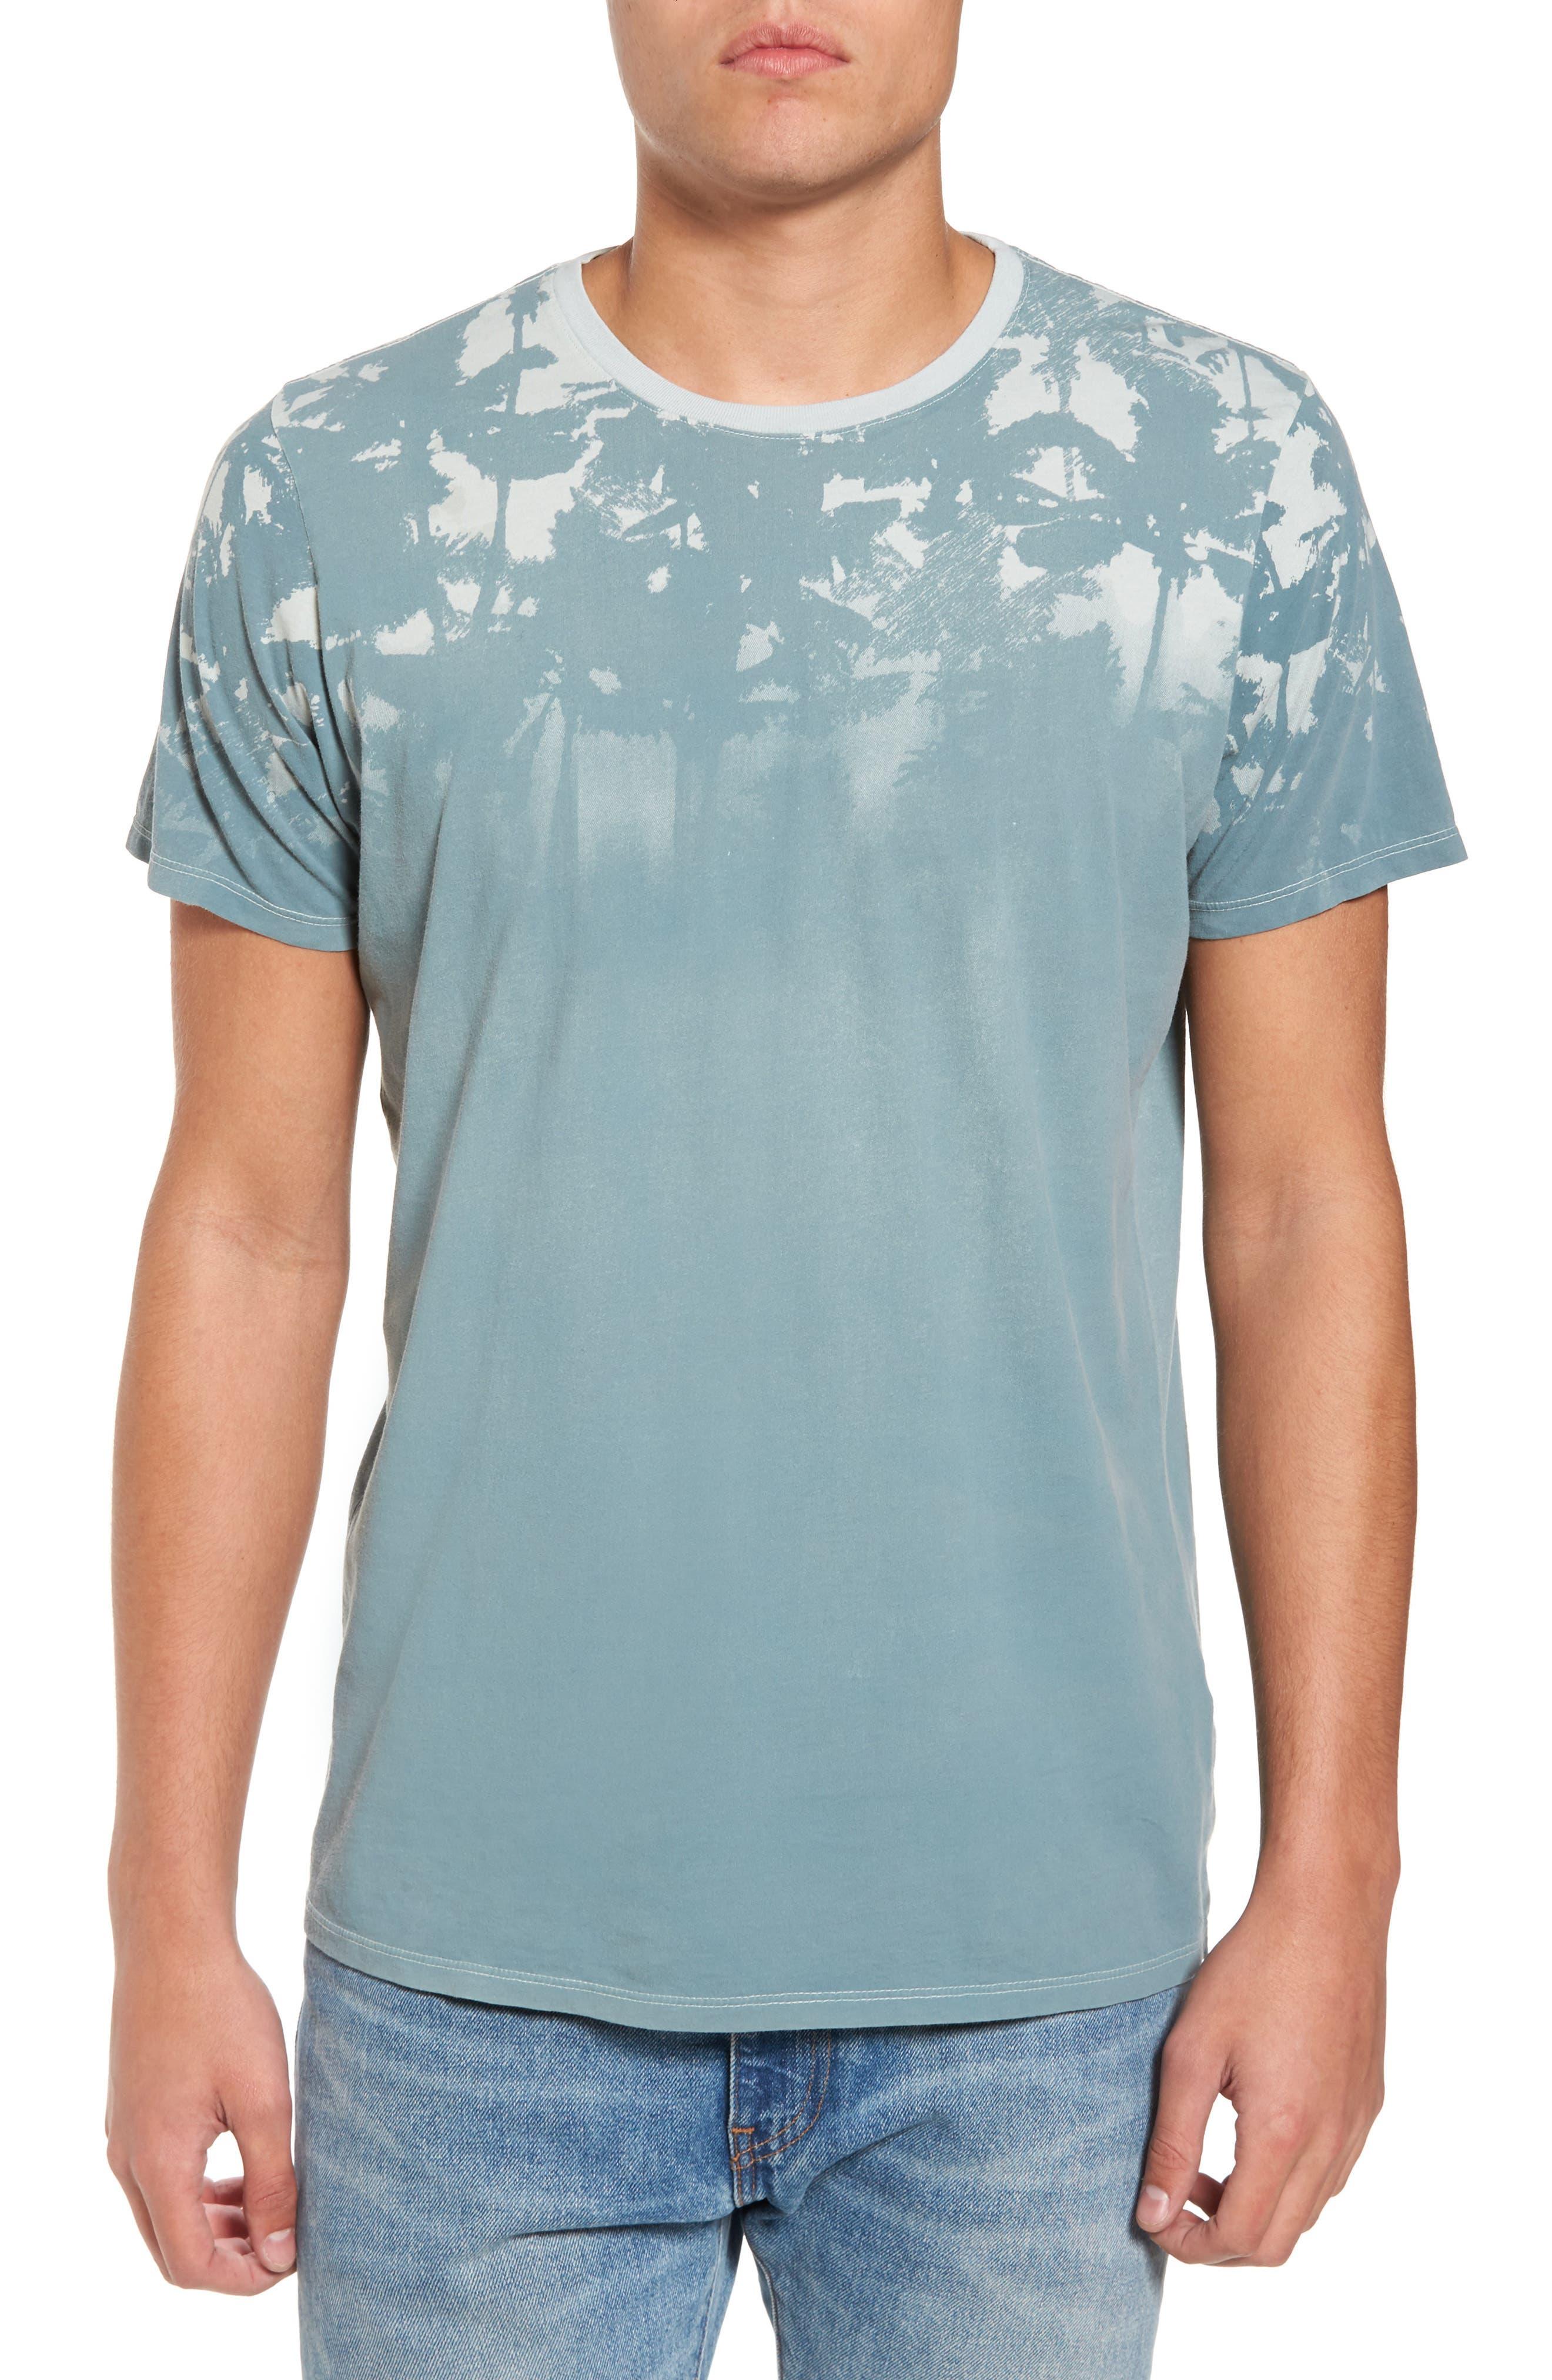 'Lost' Shadow Palm Print Crewneck T-Shirt,                             Main thumbnail 1, color,                             400